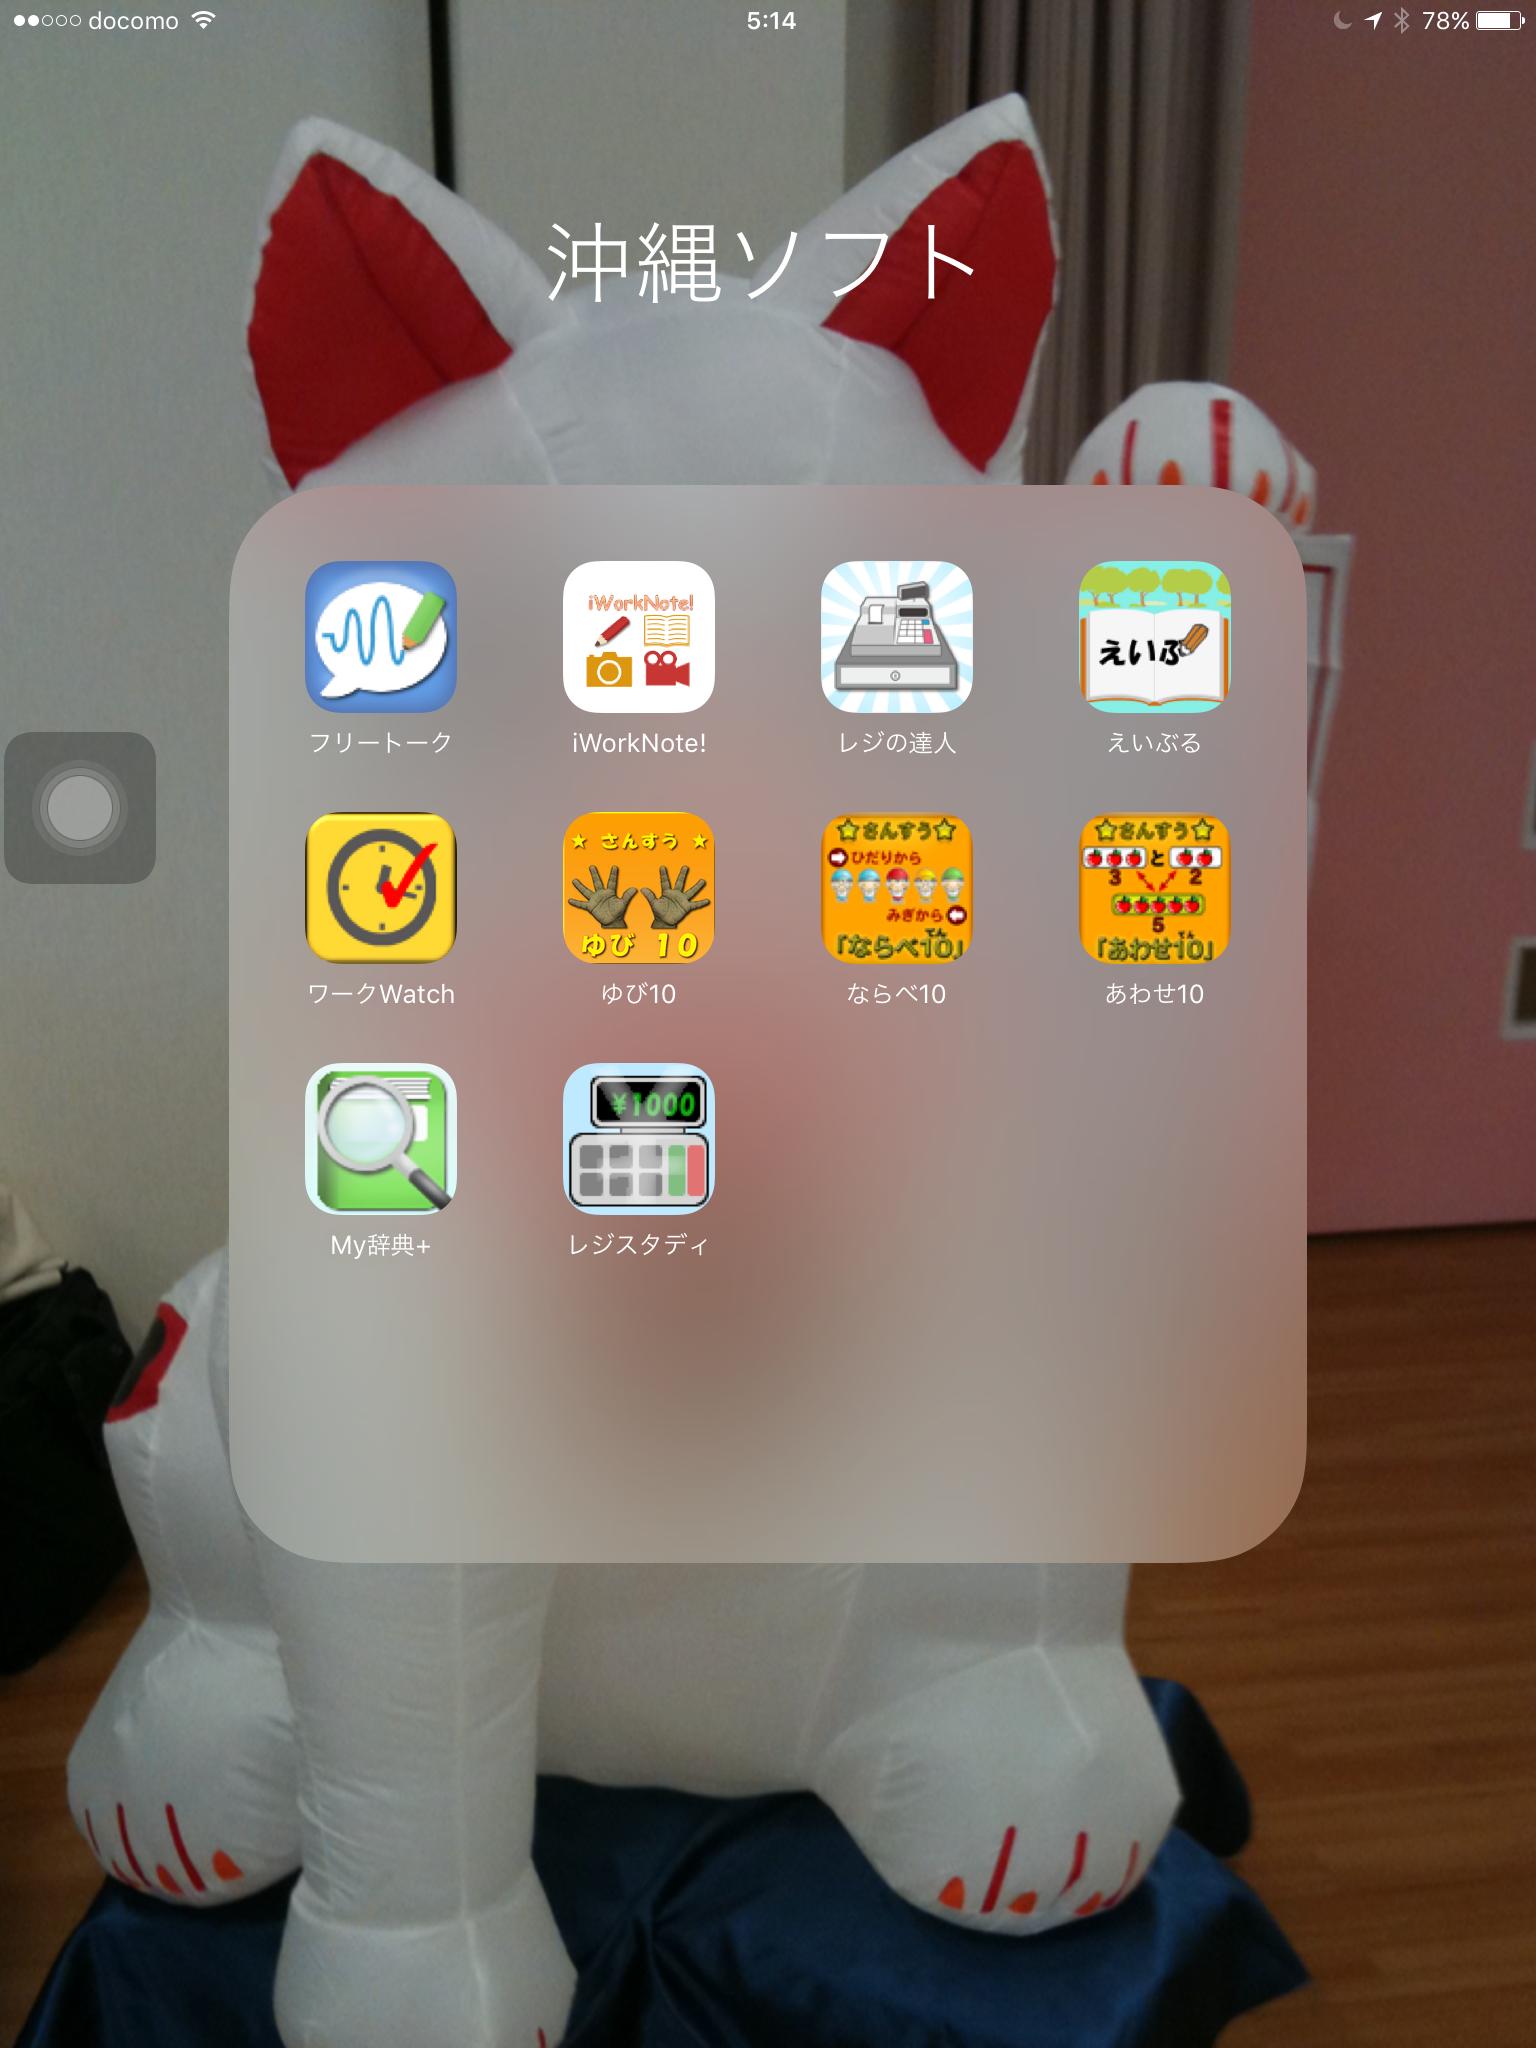 お気に入りのアプリシリーズその4「沖縄ソフト」